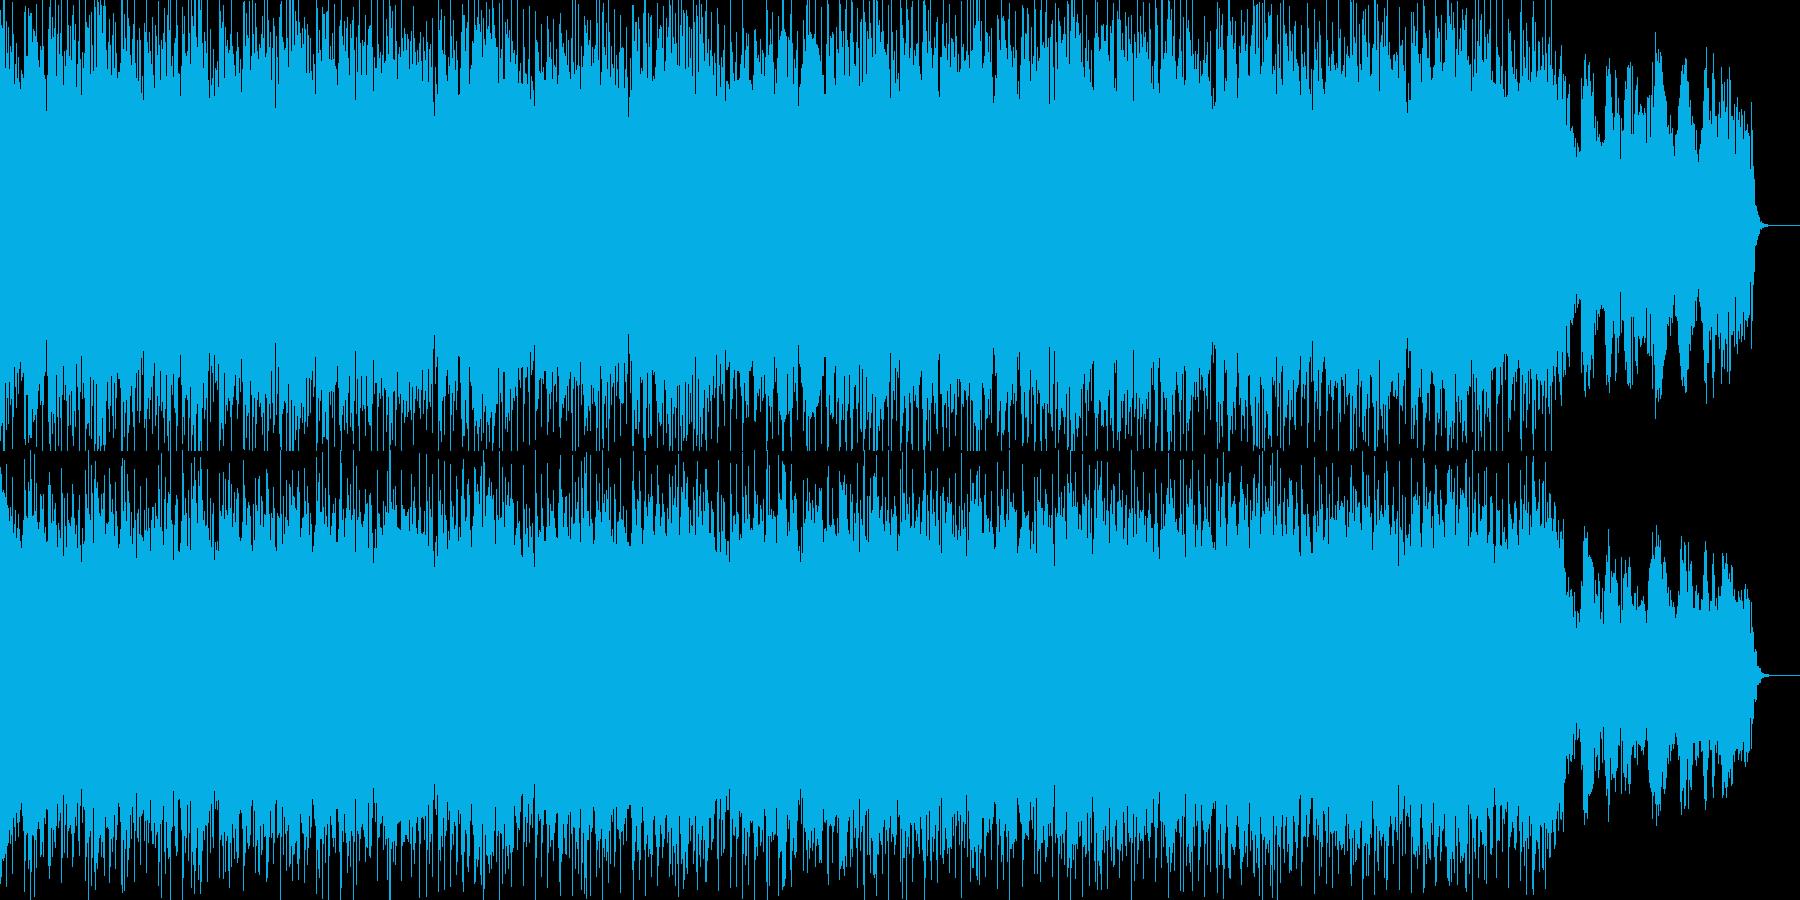 明るいポップス。Fantasia。の再生済みの波形